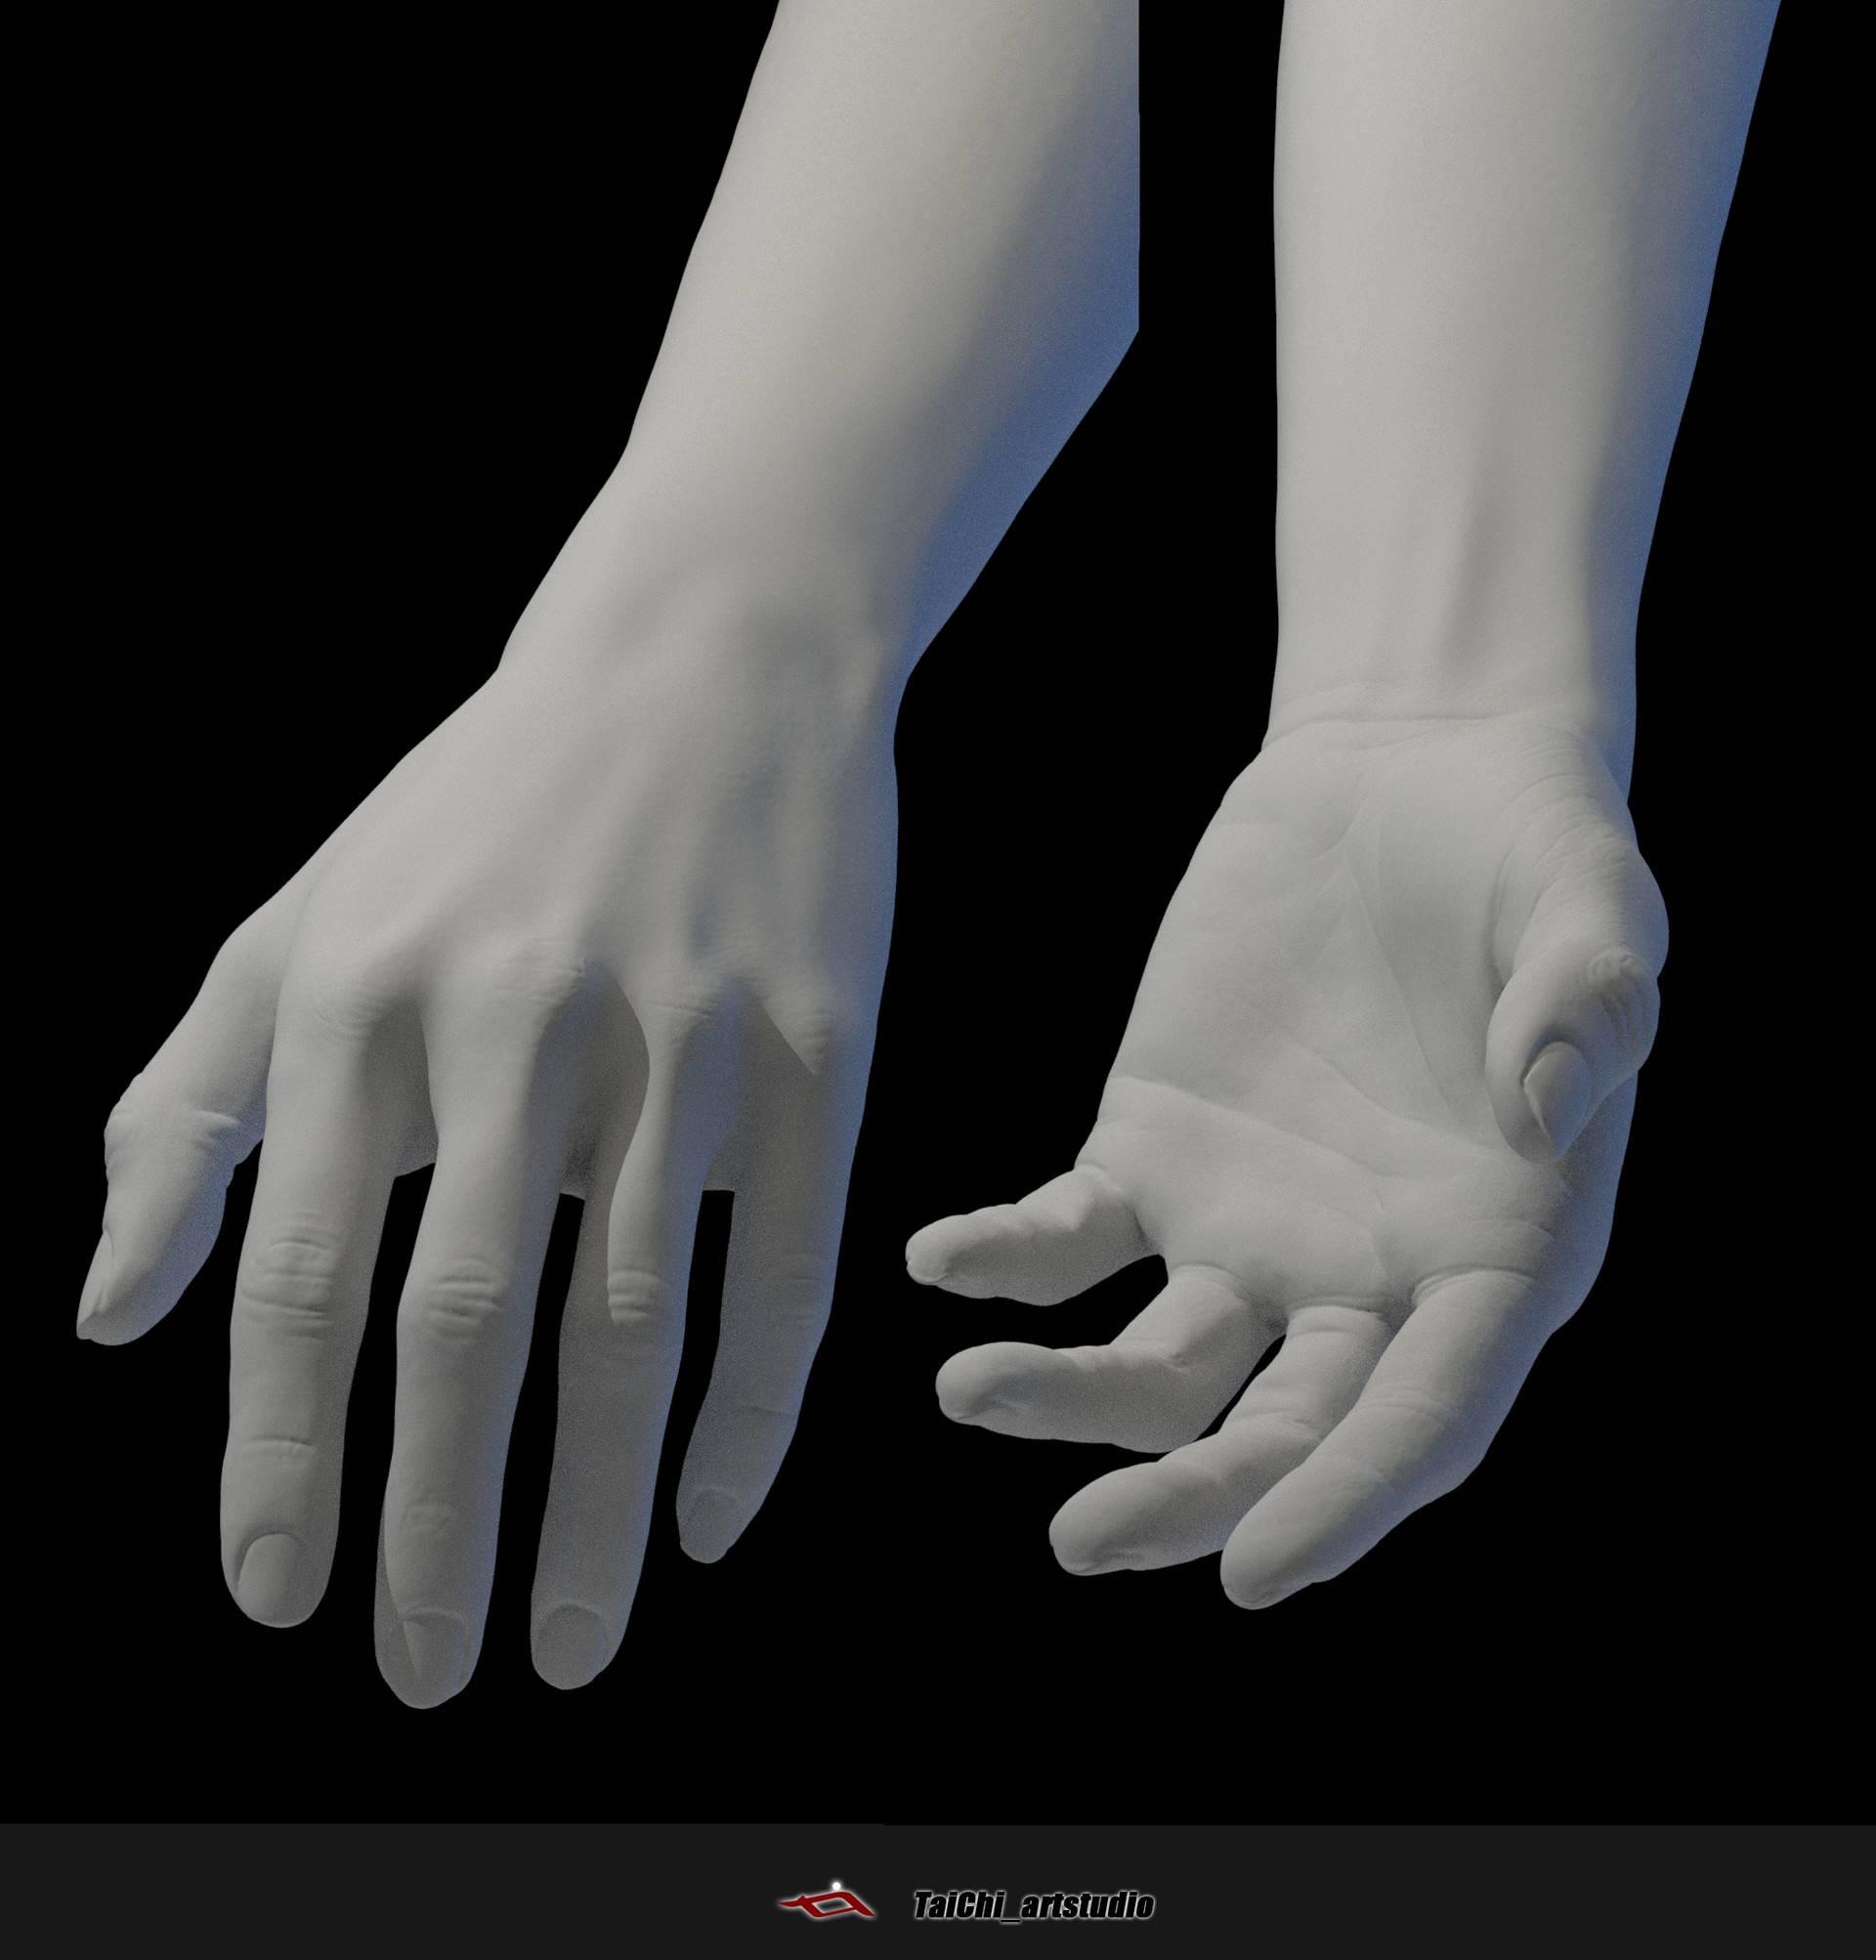 非常不错的人体分面图,美术练习的好东西! - R 站 学习使我快乐! - 25